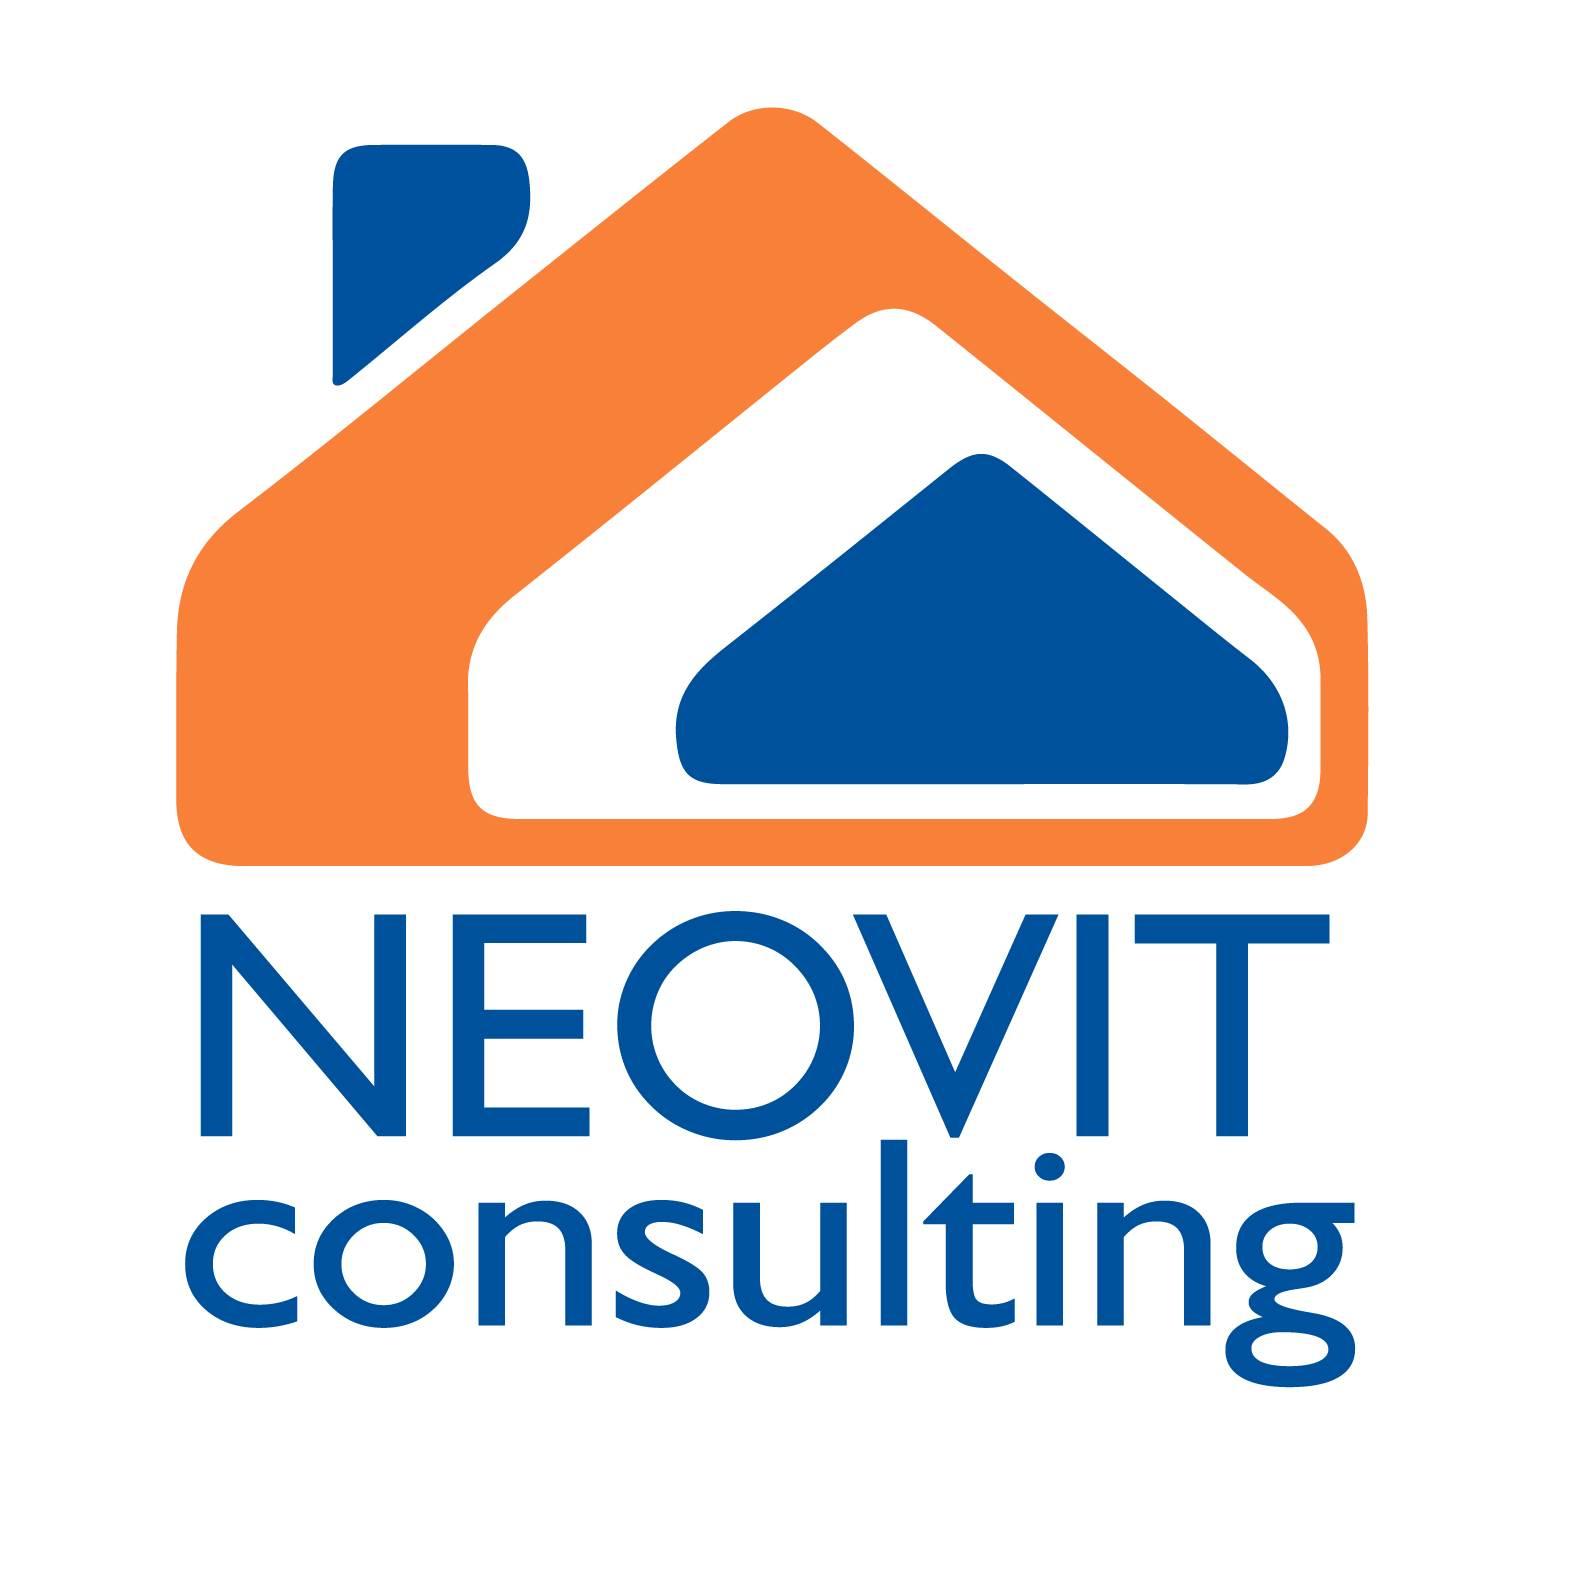 NEOVIT CONSULTING